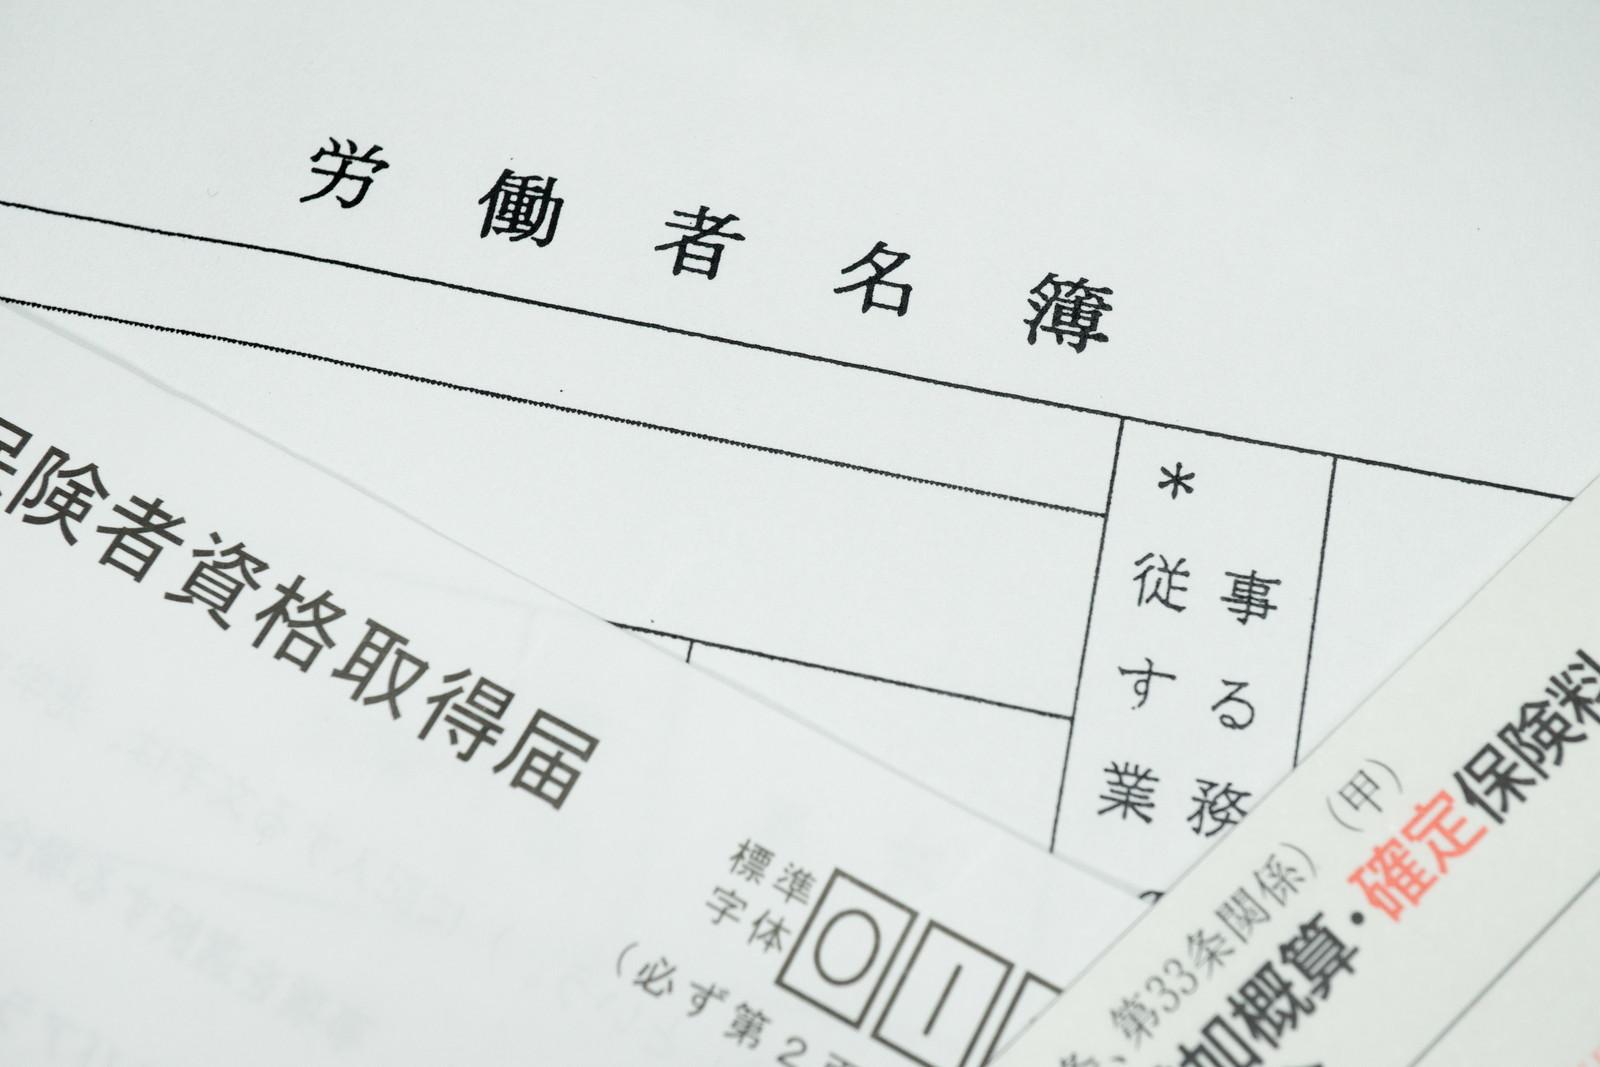 労災保険関係の書類